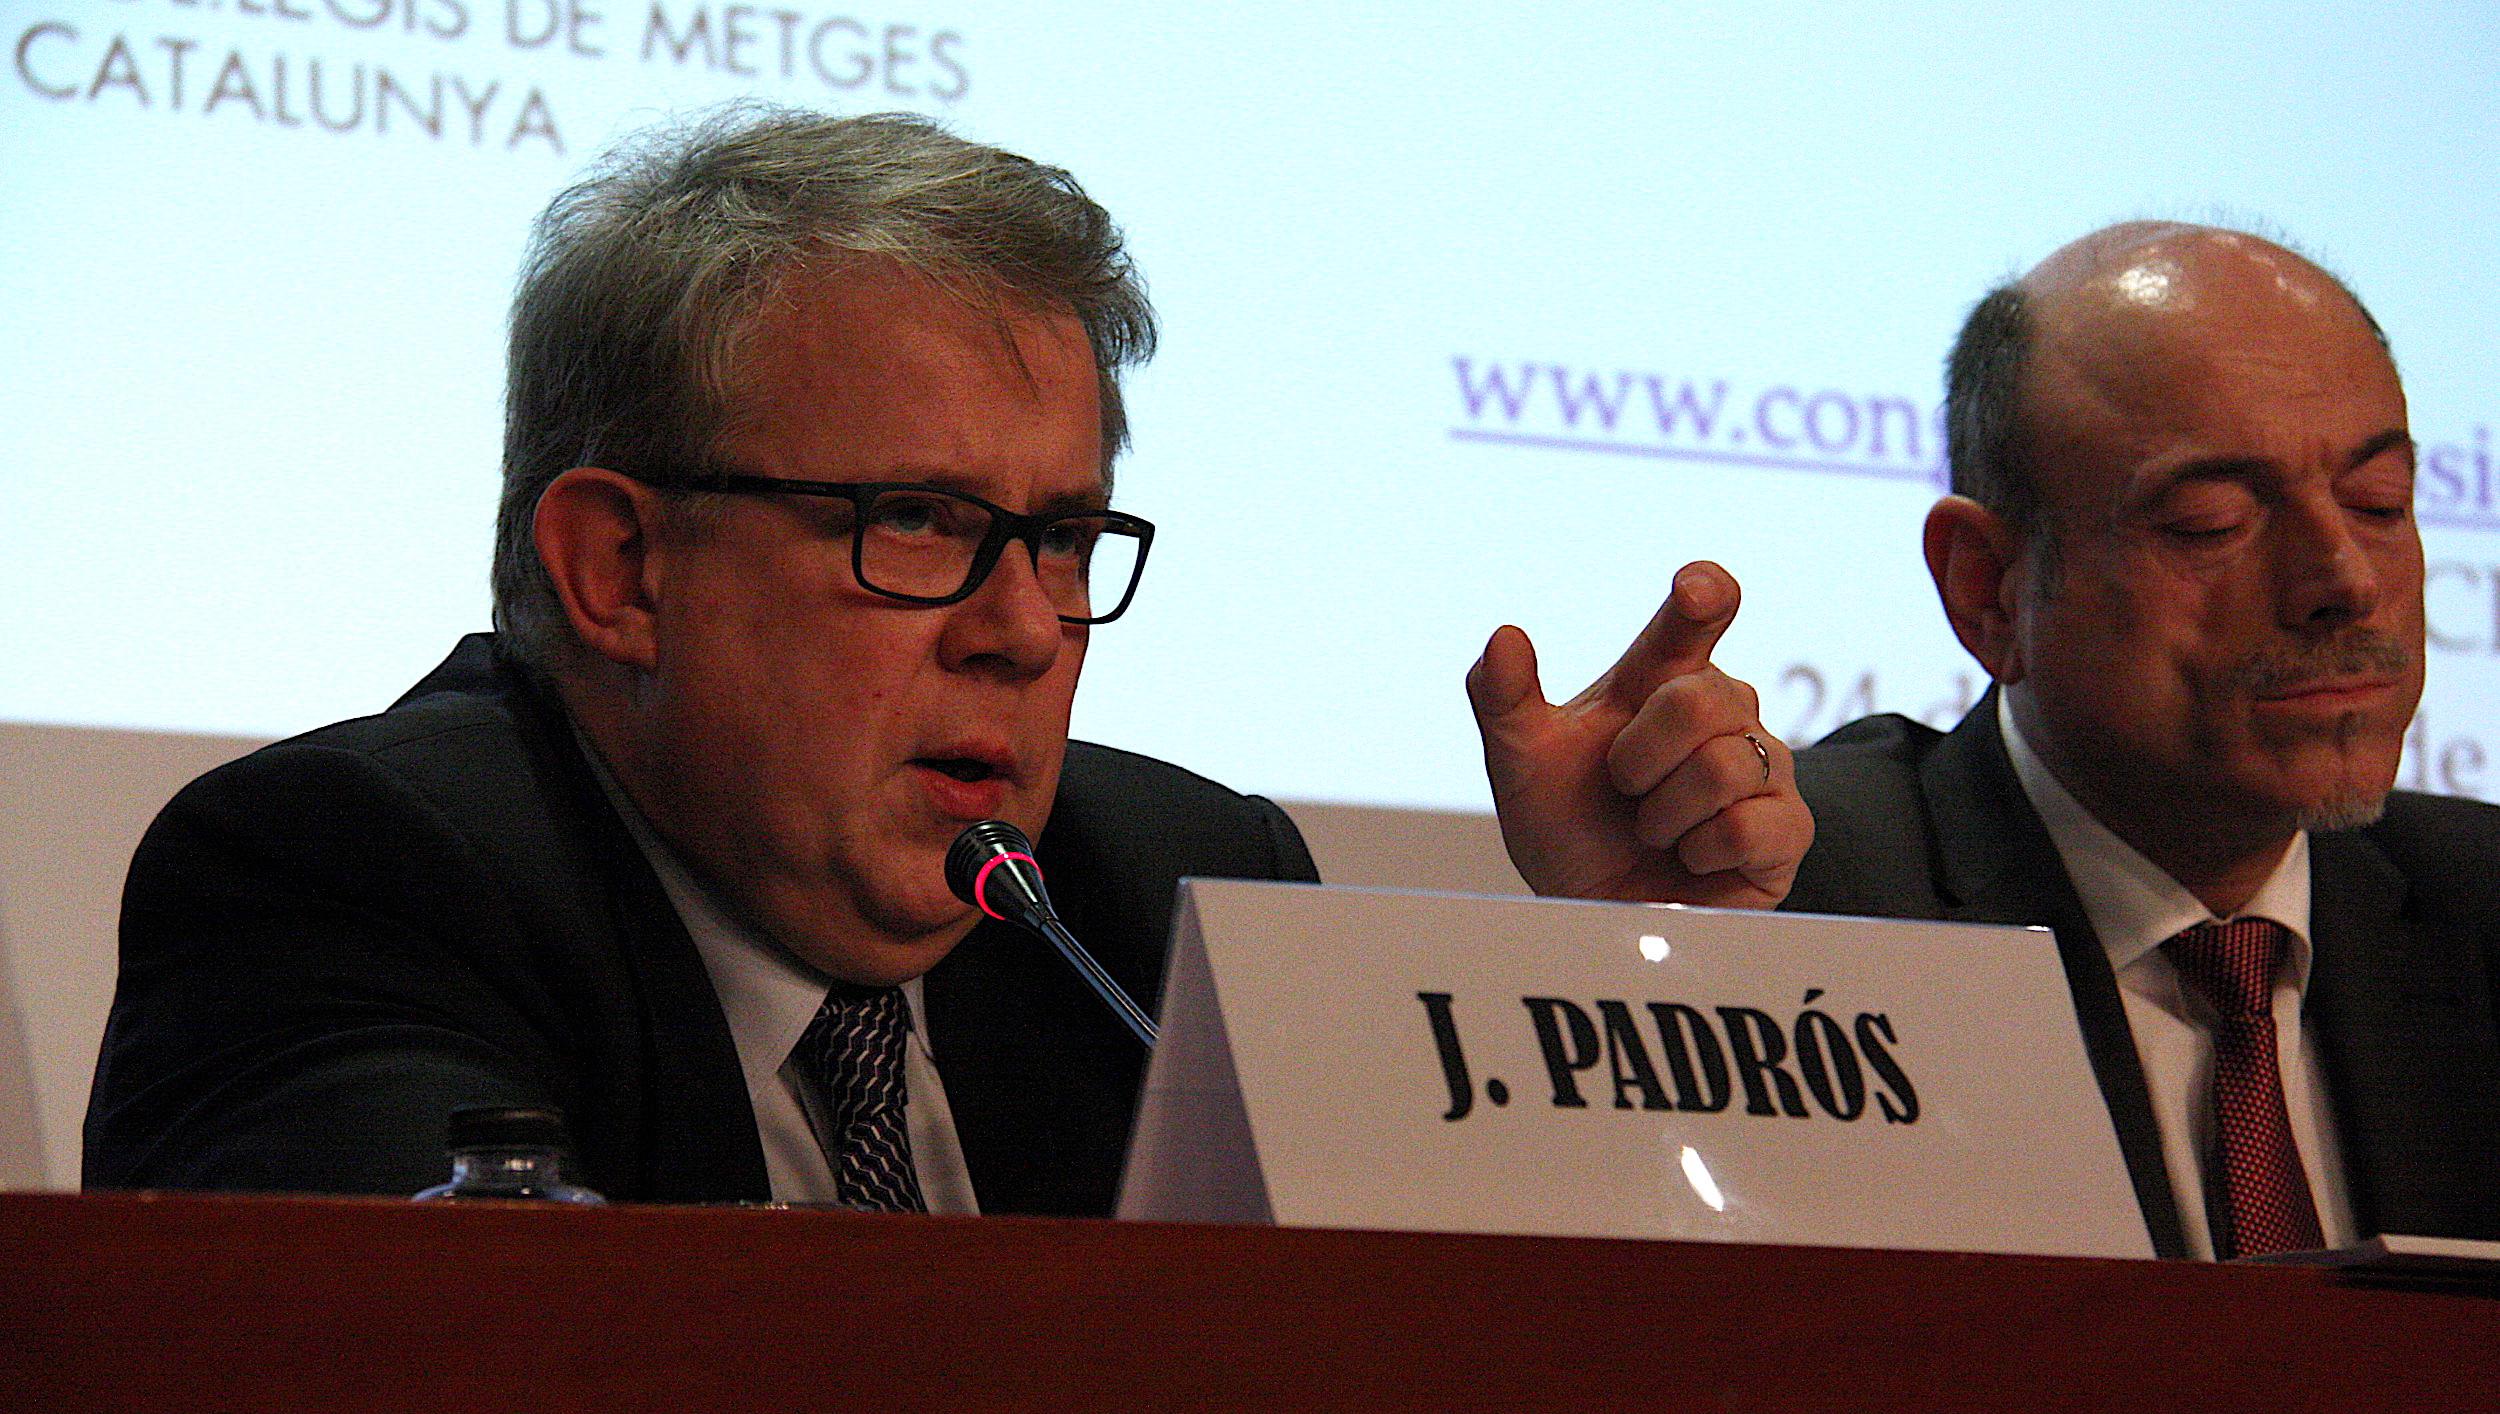 El president del Consell del Col·legi de Metges de Barcelona, Jaume Padrós, en imatge d'arxiu / Marc Ferragut (ACN)